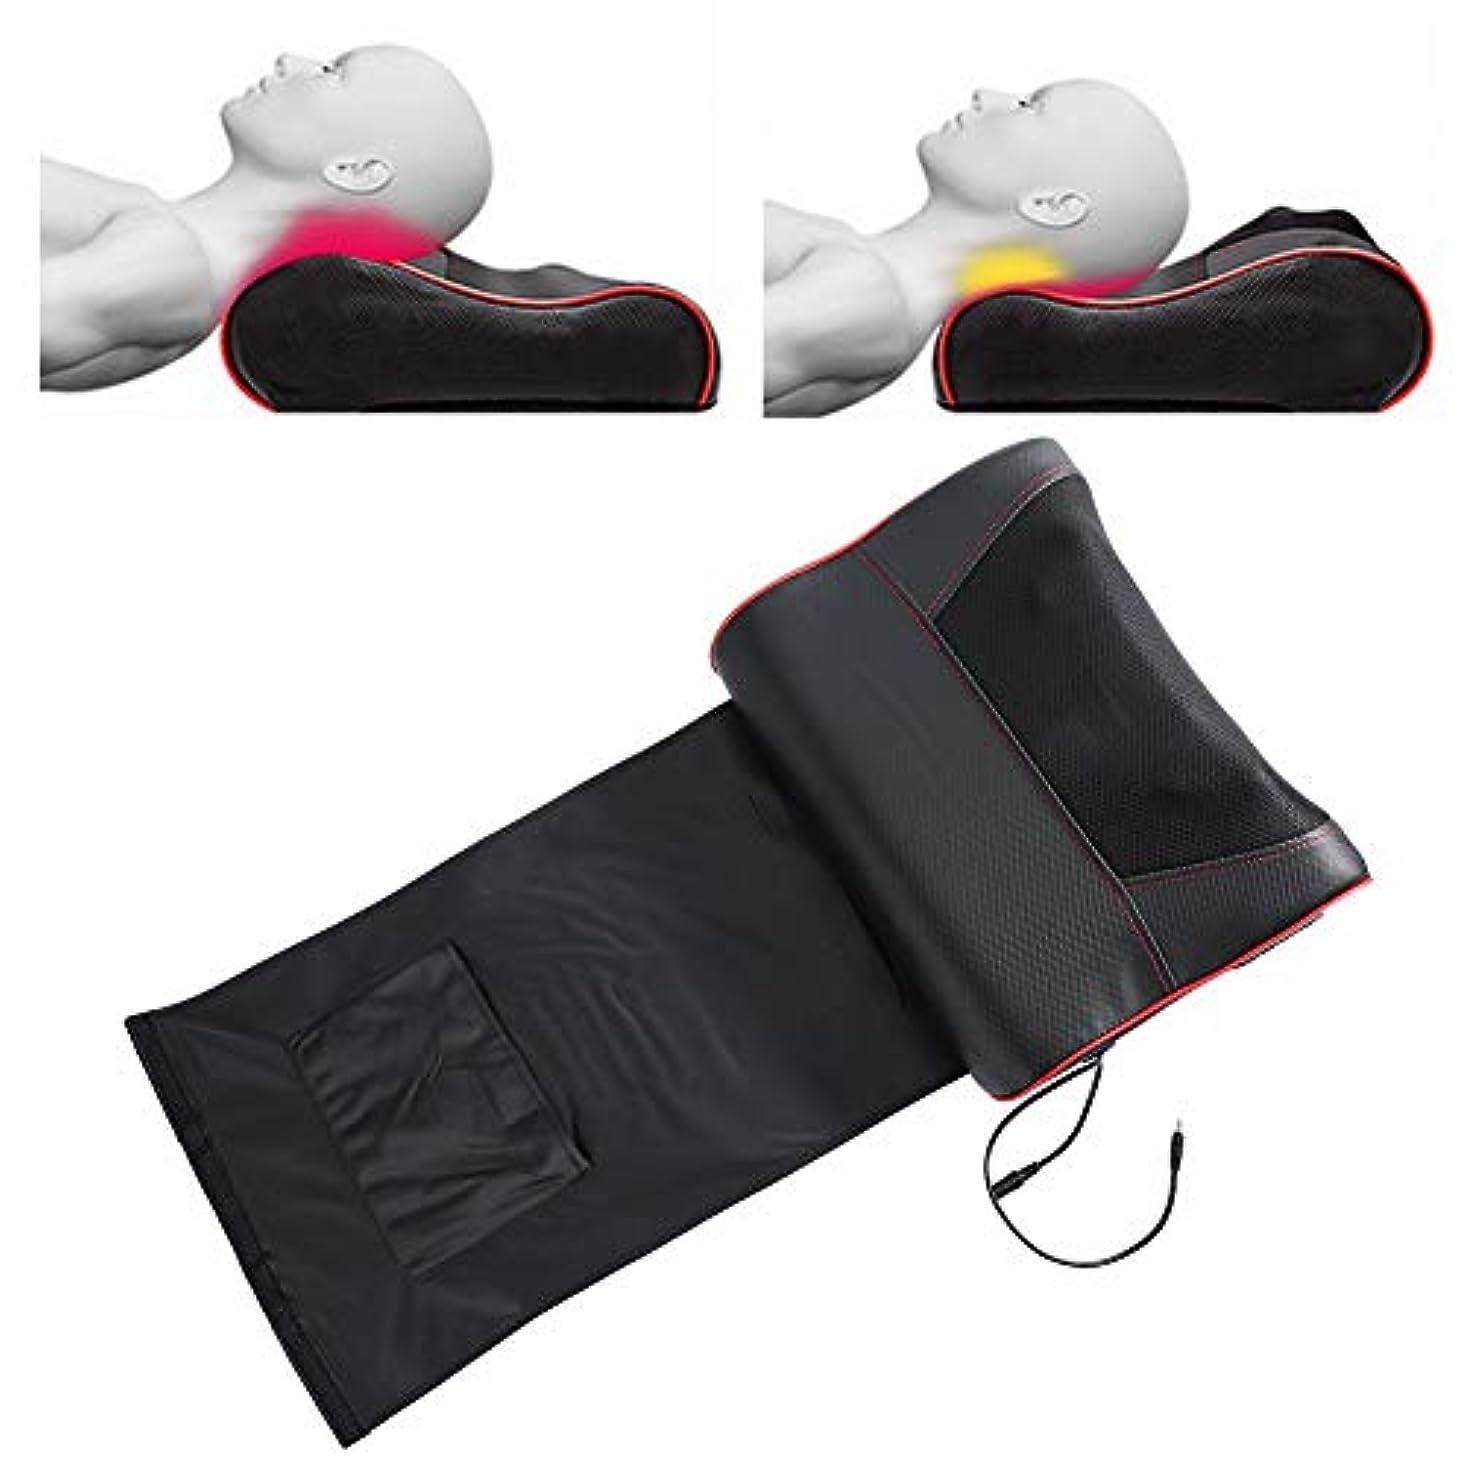 見分ける無視できる古い頸部マッサージ枕、多機能マッサージ枕、灸ホットコンプレックスネックウエストショルダーマッサージ用全身筋肉痛(US-Plug)